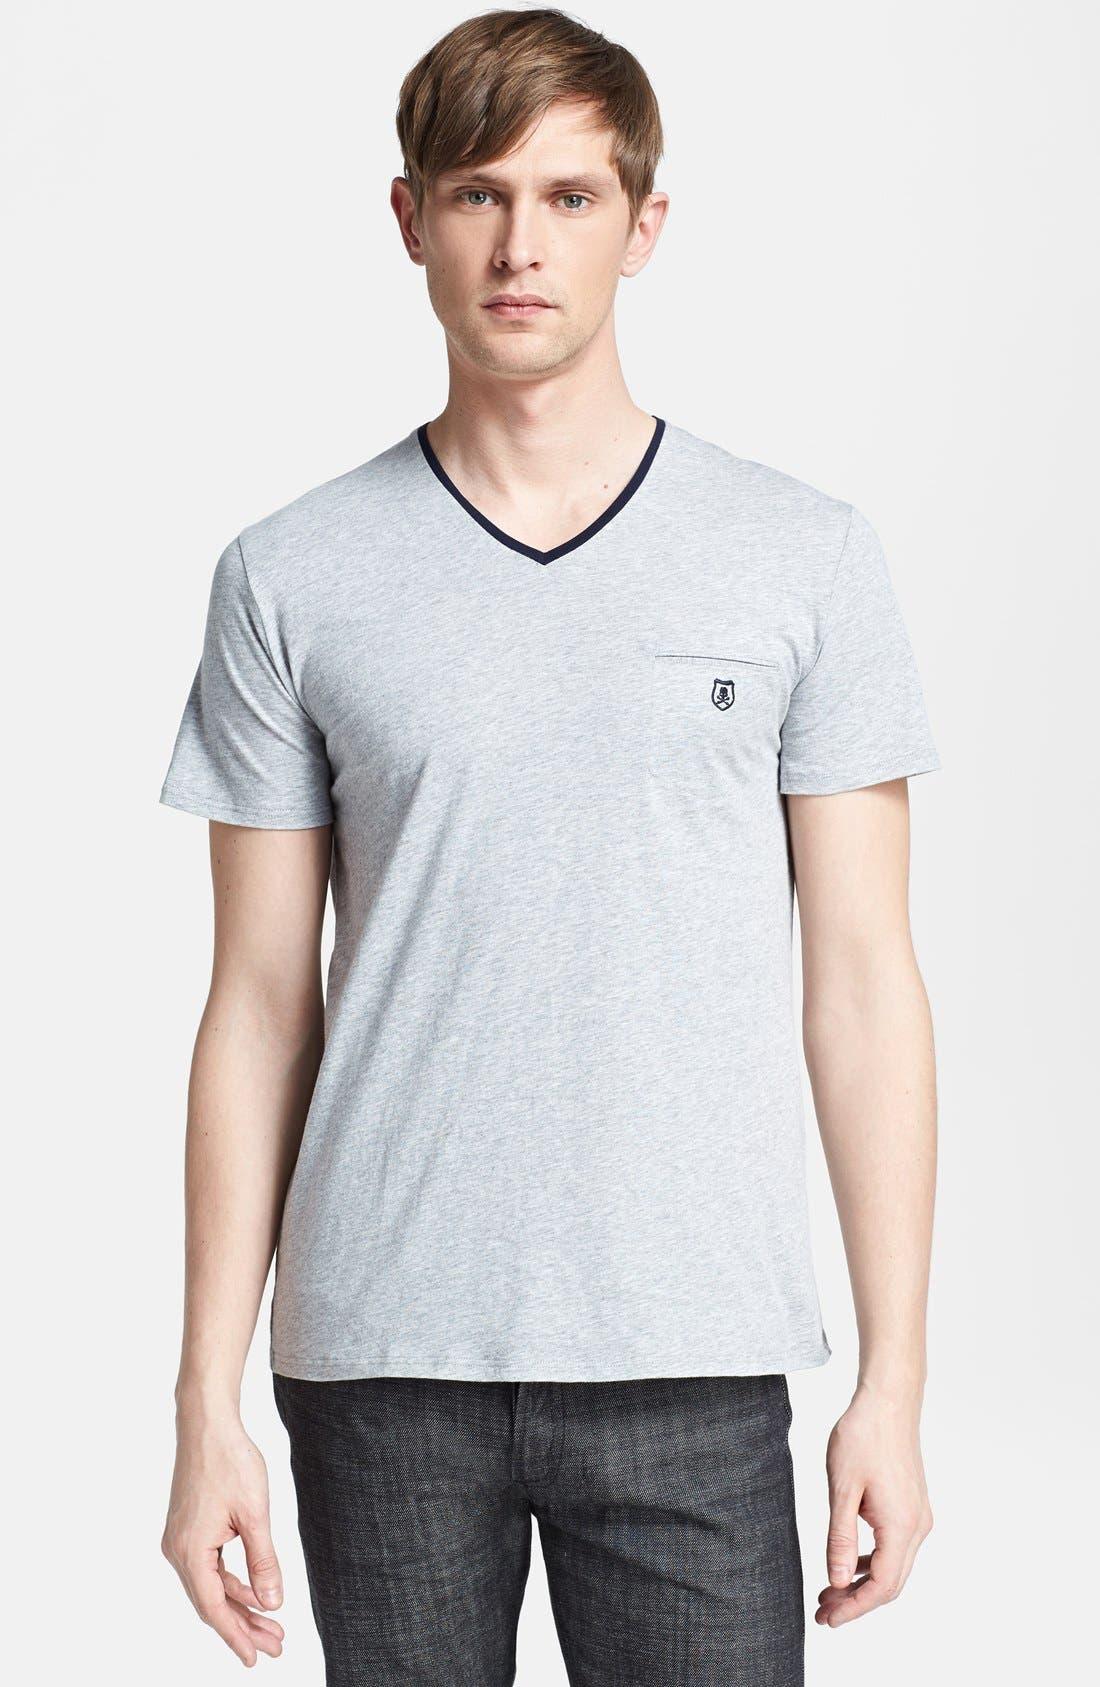 Main Image - The Kooples Embroidered Pocket V-Neck T-Shirt